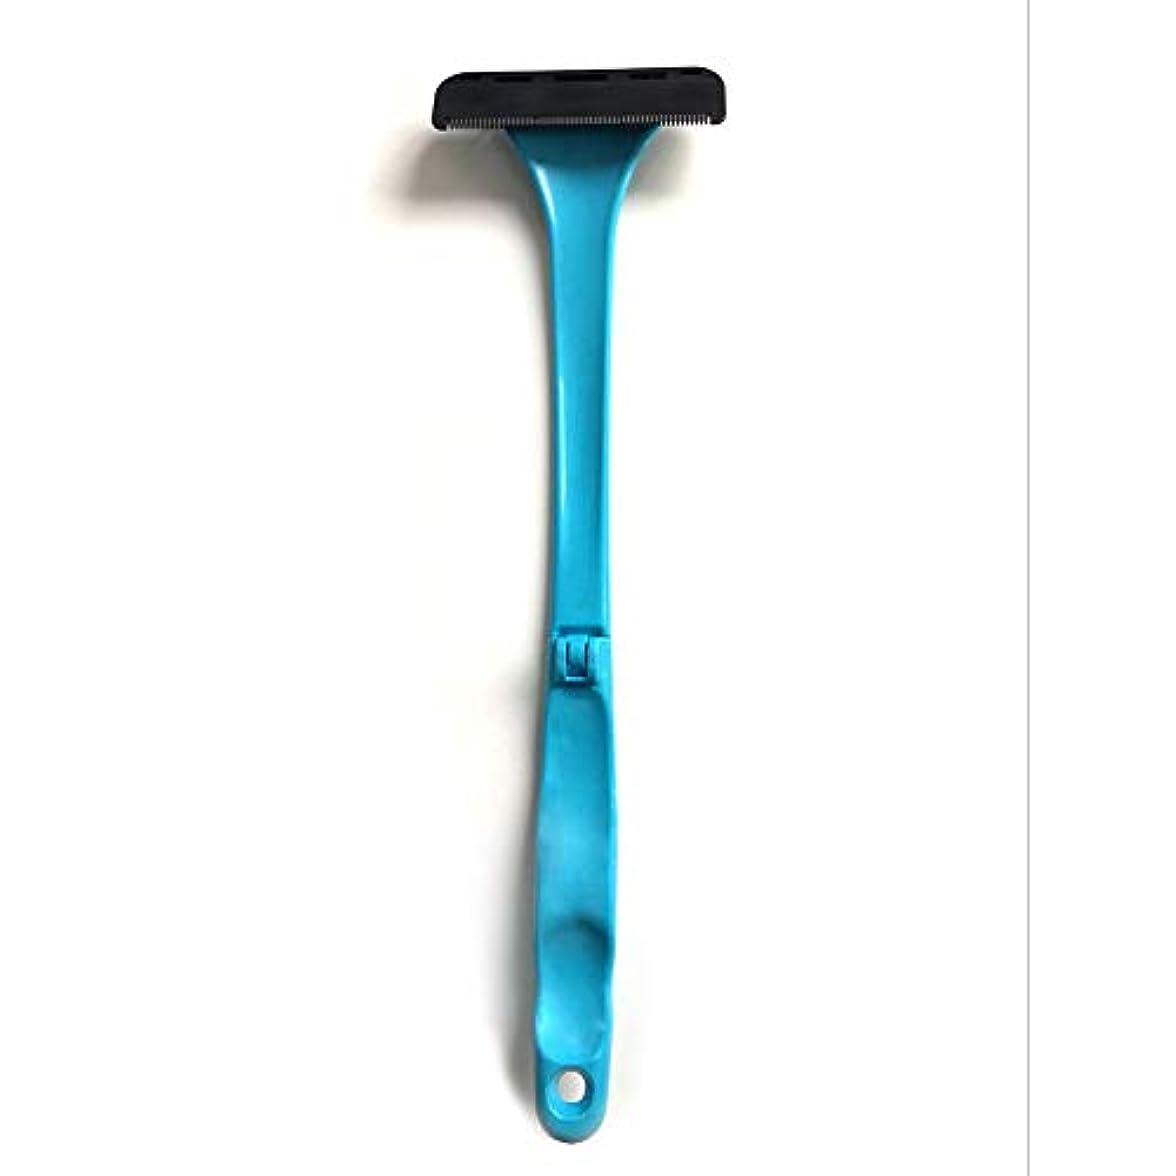 男性用バックヘアーシェーバー2019更新バージョンマニュアル全身ヘアーロングハンドル折りたたみ式ヘア痛みのない湿式または乾式剃毛用カミソリを削除